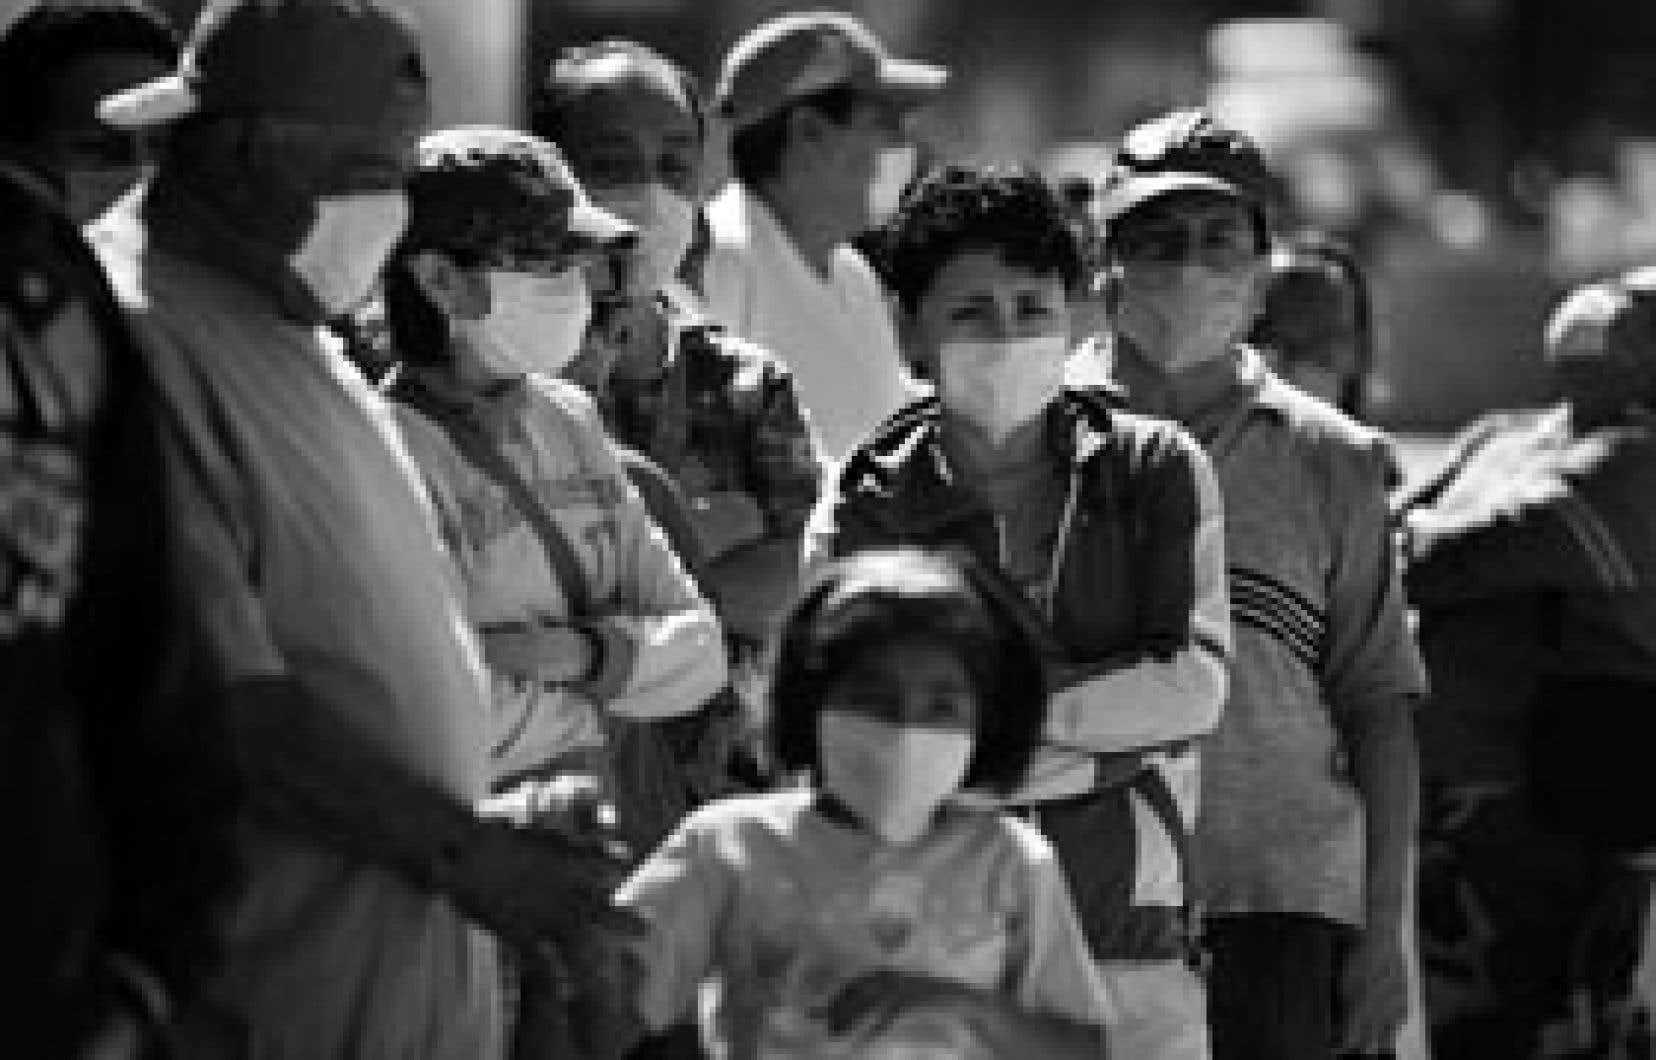 À Mexico, à peu près plus personne ne sort de chez lui sans se couvrir le visage d'un masque.